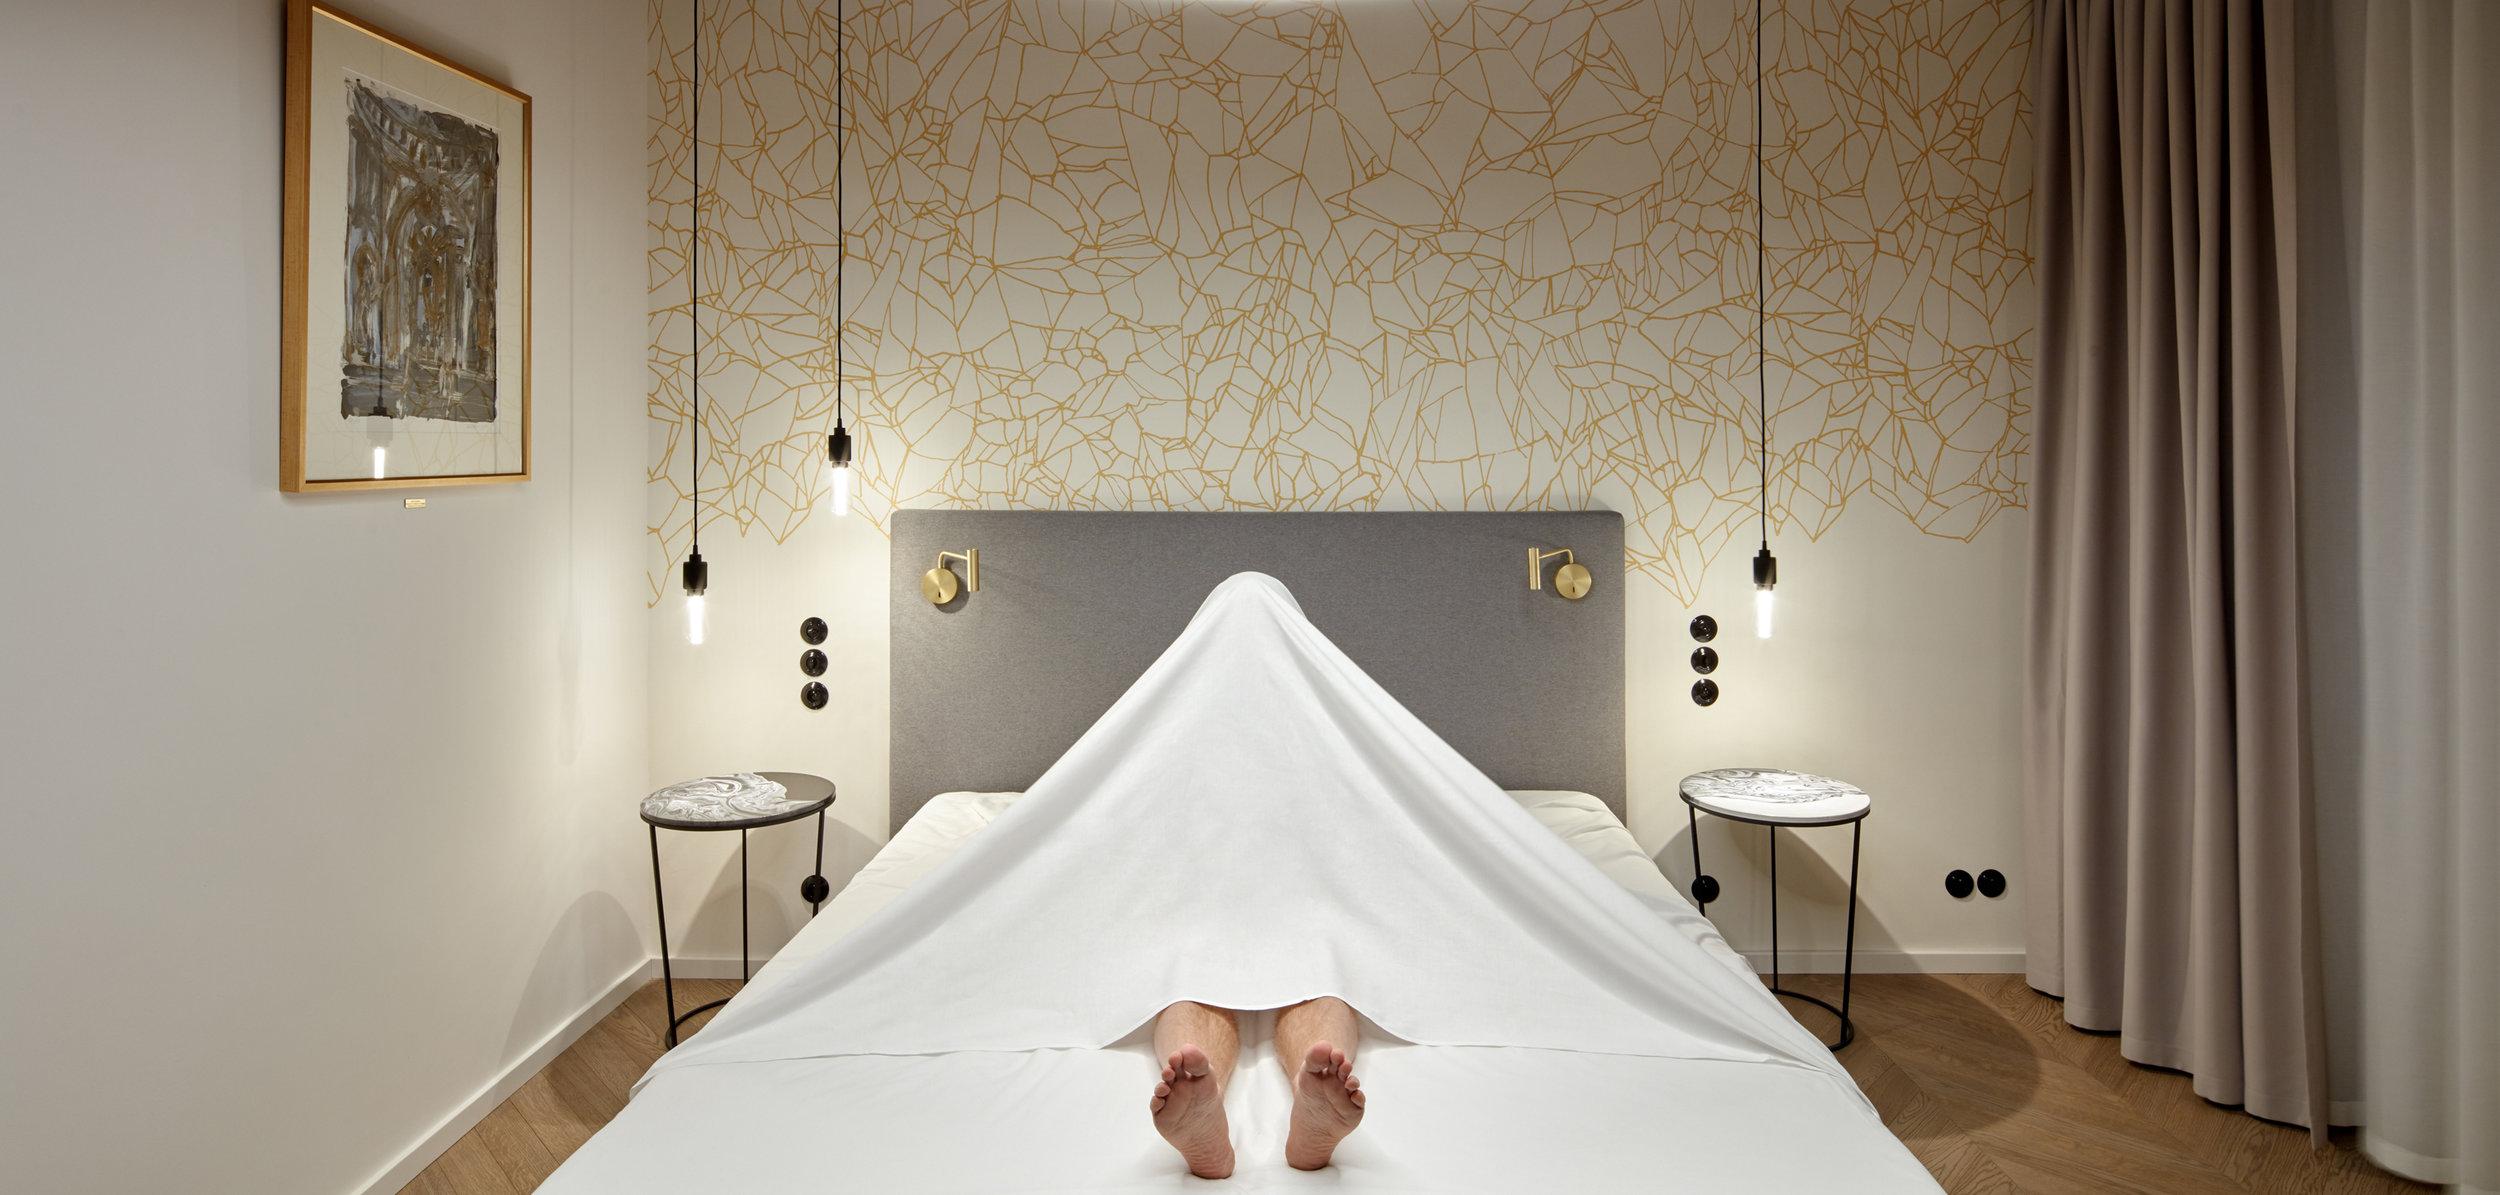 _HOMEPAGE_Mars_Hotel_Mestak.jpg